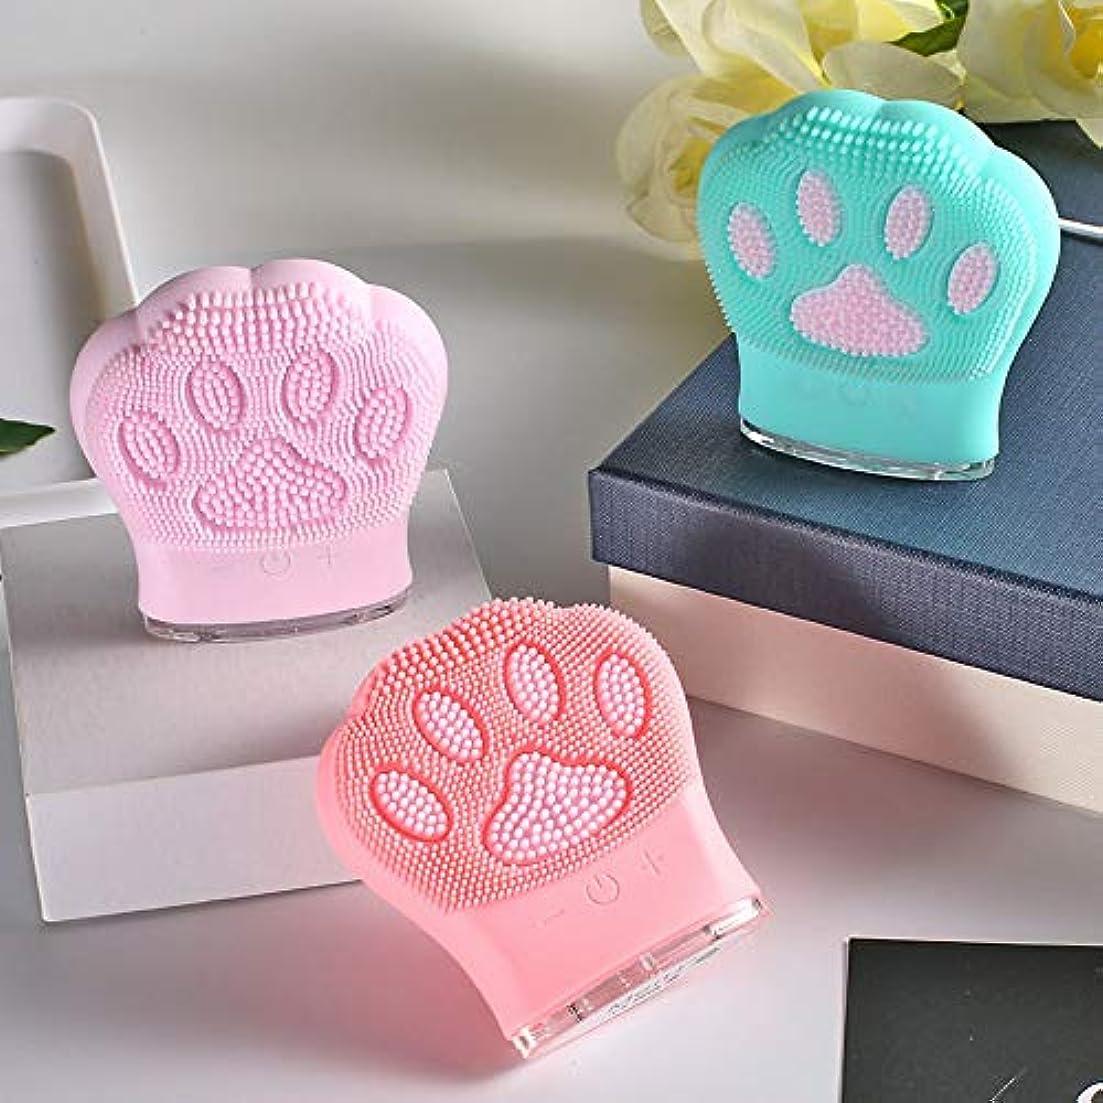 名義で旅行運命的なZXF 新しい猫の爪形状シリコーンクレンジング楽器超音波充電洗顔器具ガールフレンド小さなギフト洗浄ブラシピンク赤青セクション 滑らかである (色 : Pink)